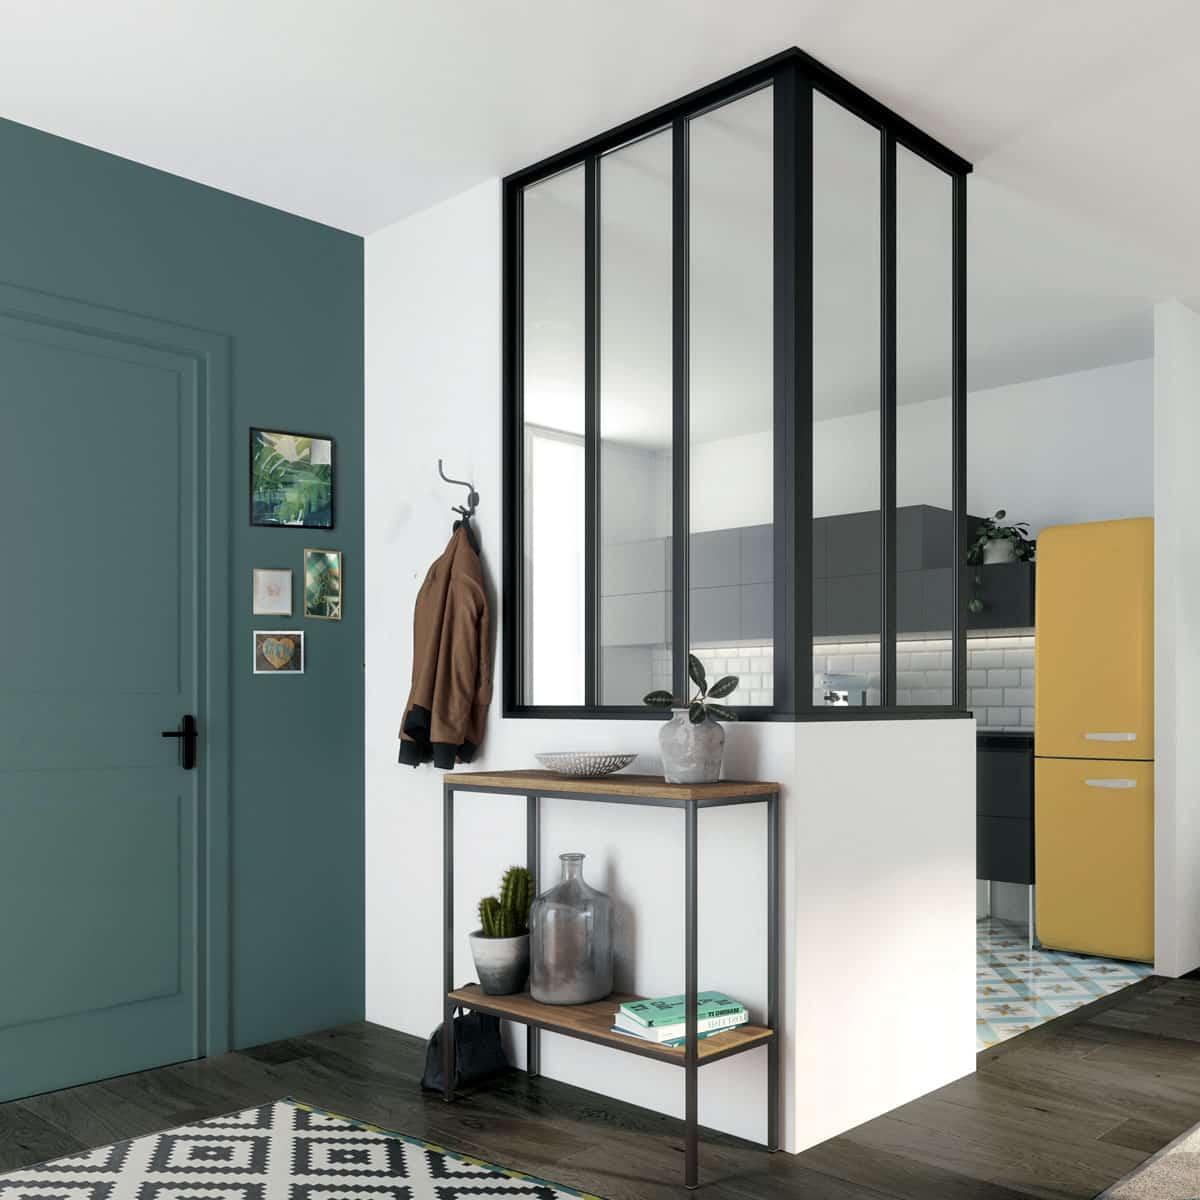 Cloison Amovible Pour Salle De Bain séparation de pièces | optimal cuisines & intérieurs | annecy